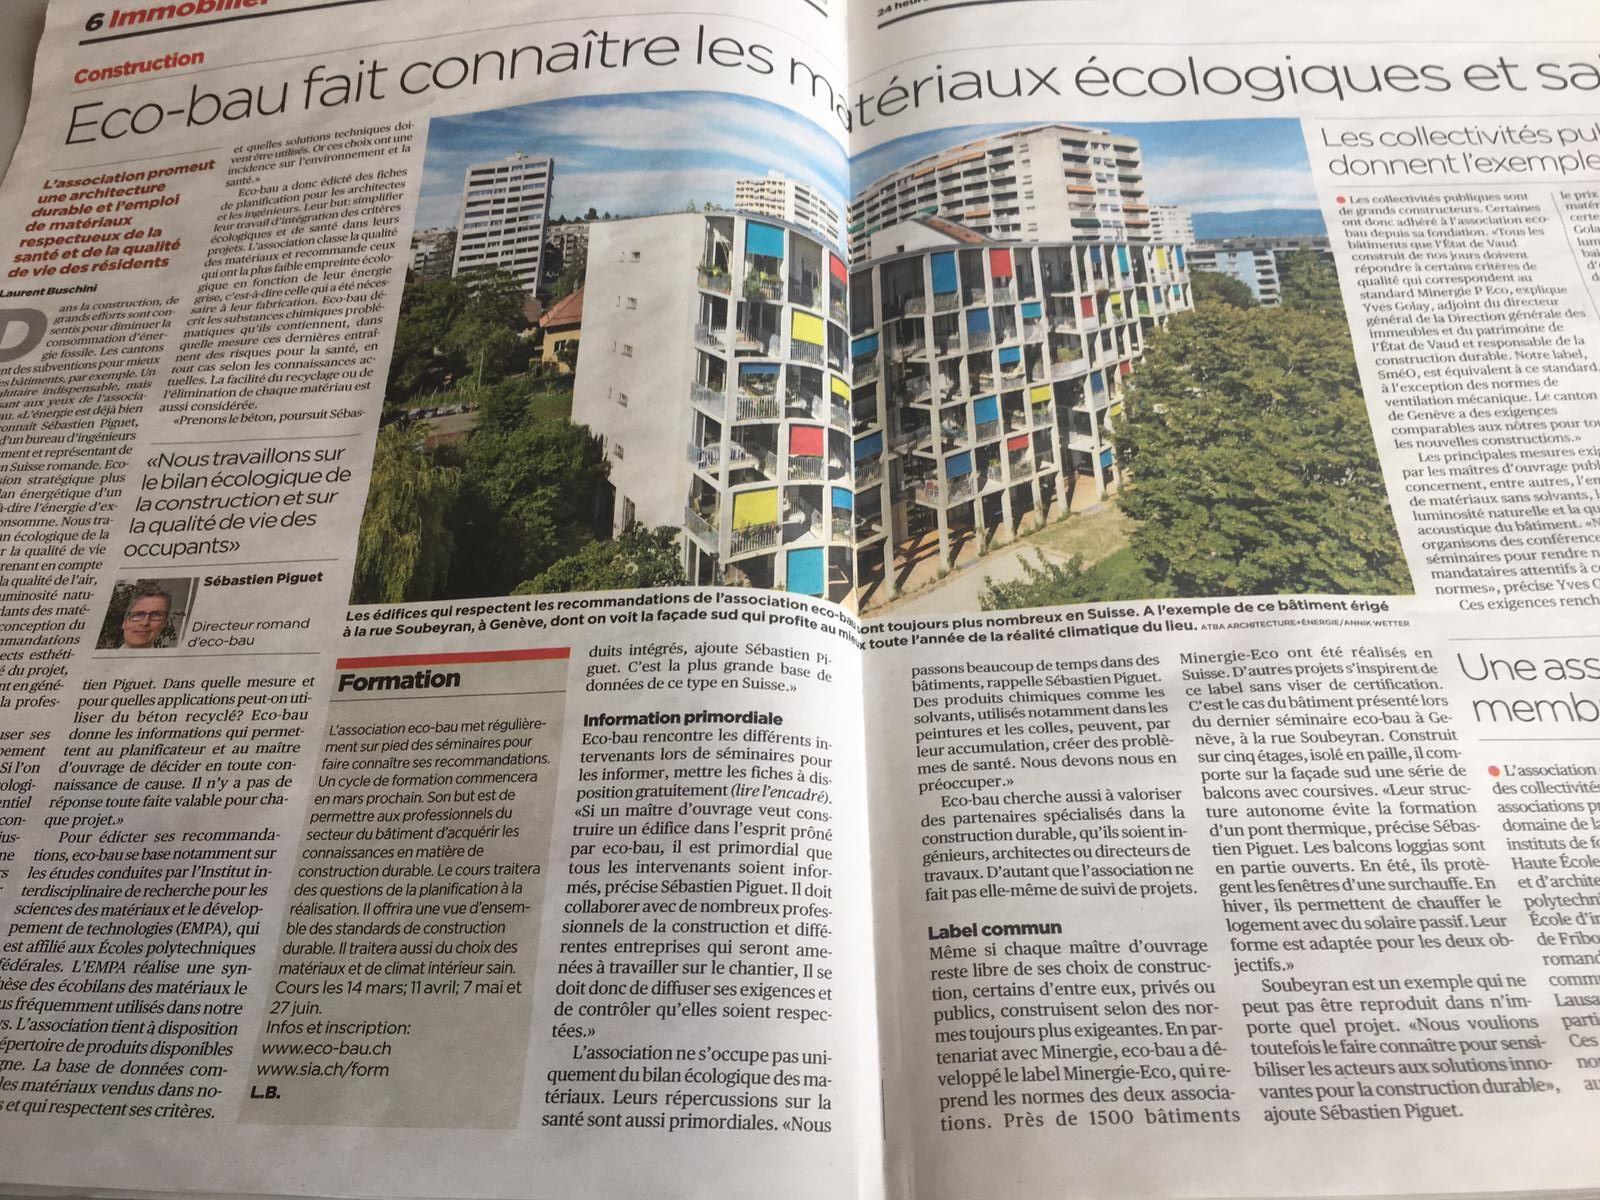 Eco-bau cherche à valoriser des partenaires spécialisés dans la construction durable.